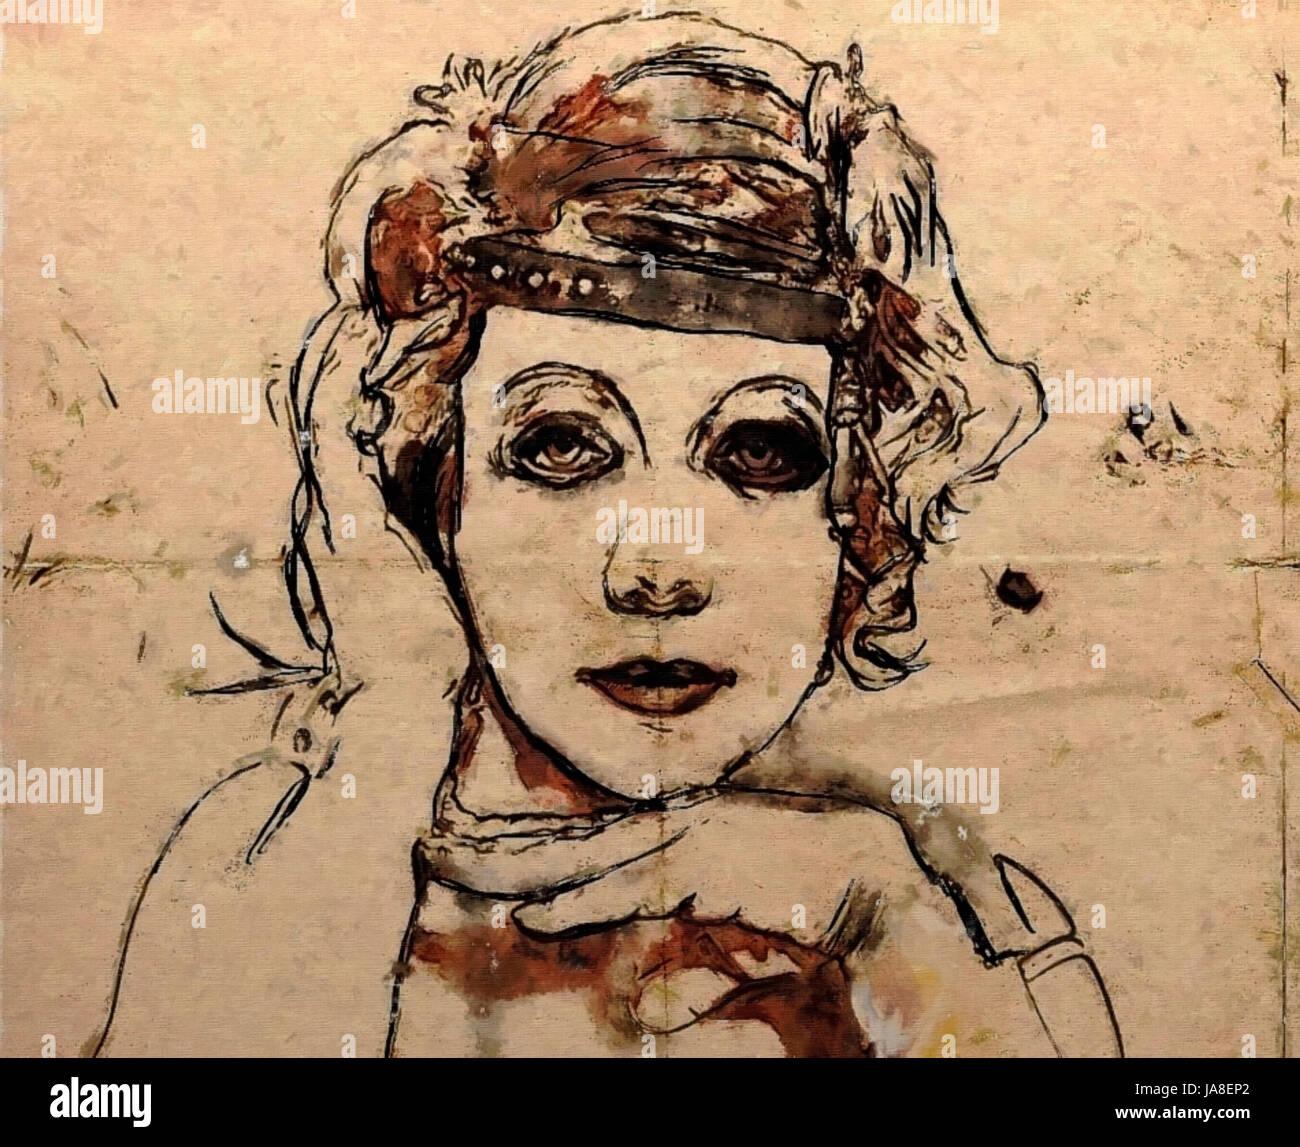 Abstrakte Kunst Skizze Schonen Retro Junge Frau Schones Gesicht Auf Sepia Hintergrund Papierstruktur Stockfotografie Alamy